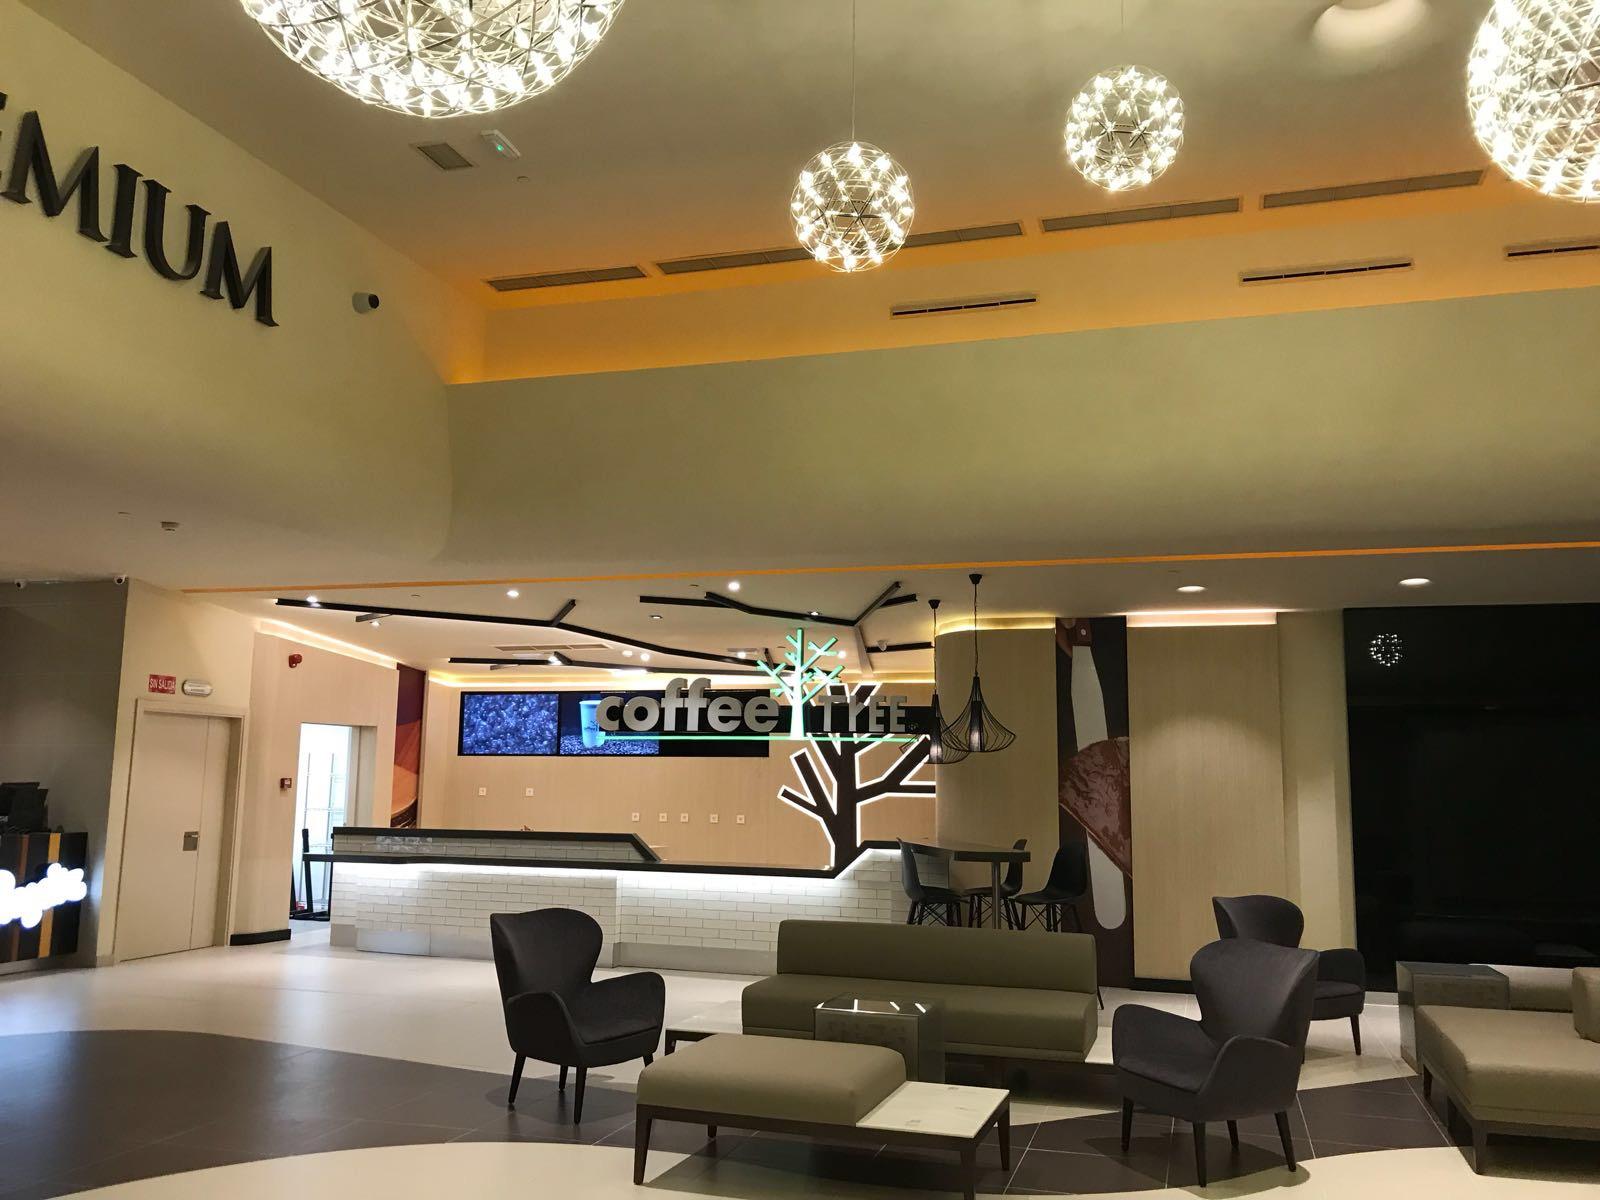 Opincan - Salas de cine Yelmo en el Centro Comercial Alisios 02